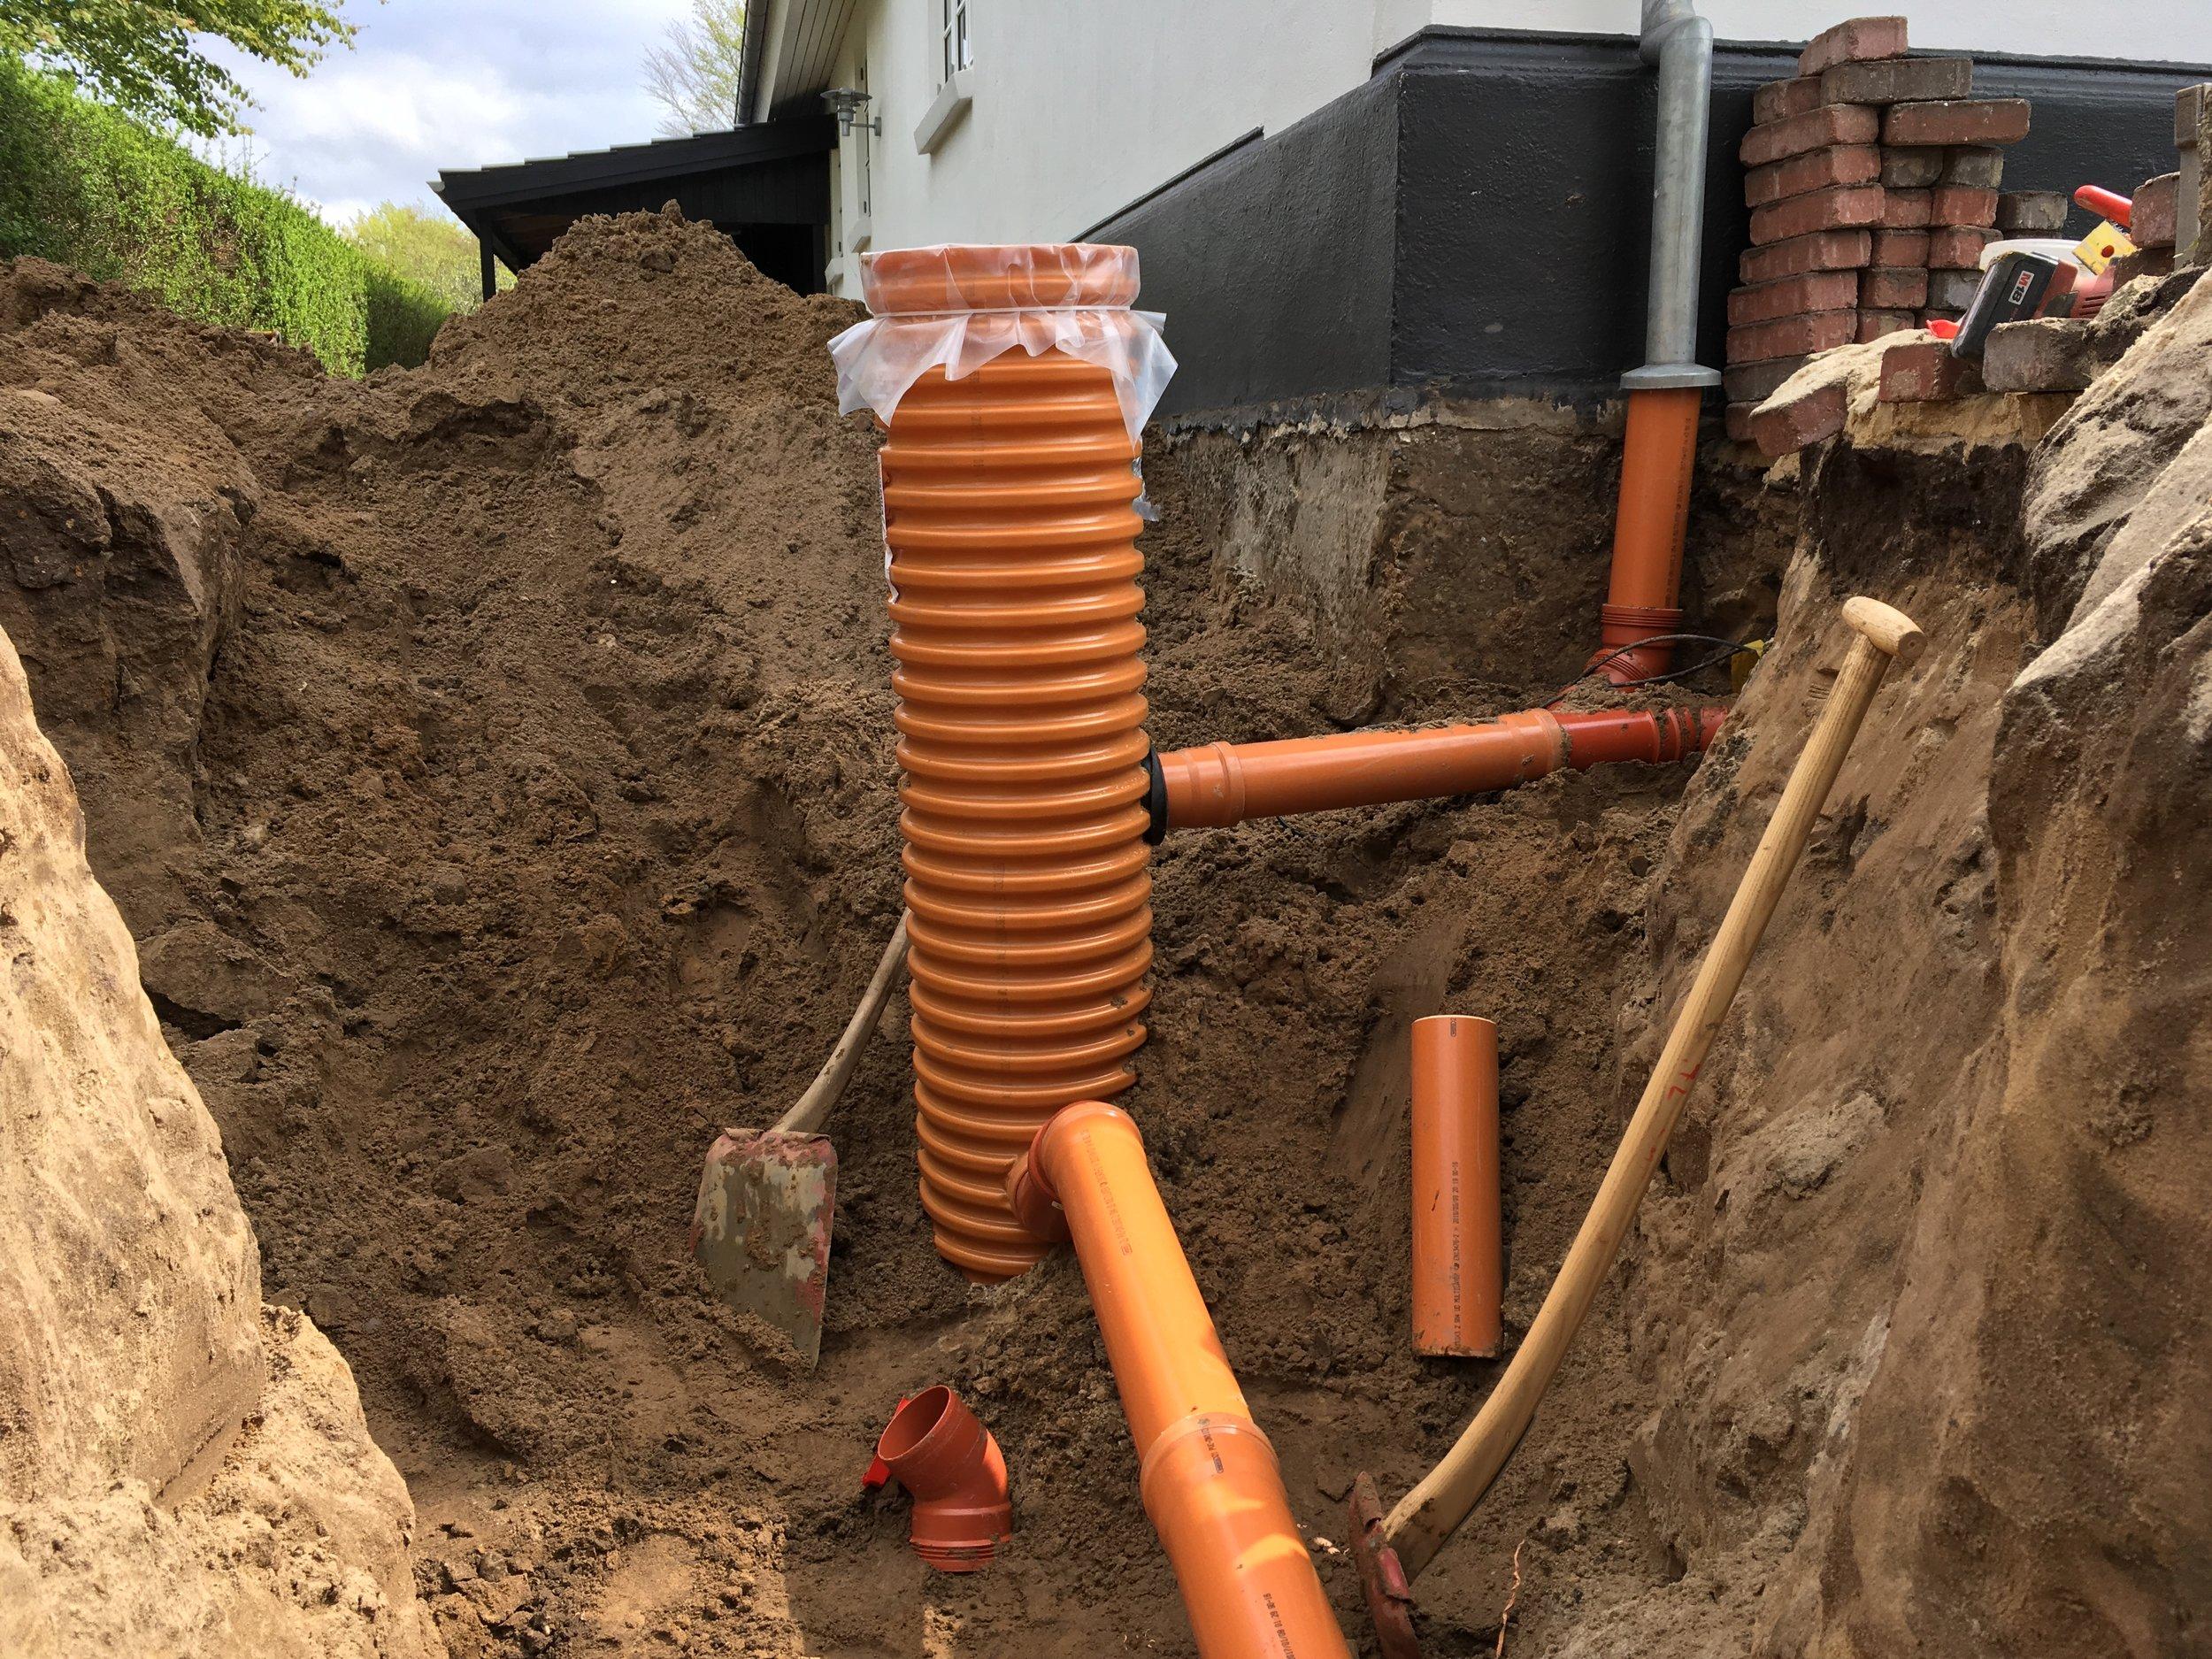 Opgravning samt tilkobling af tagvand til sandfangsbrønd